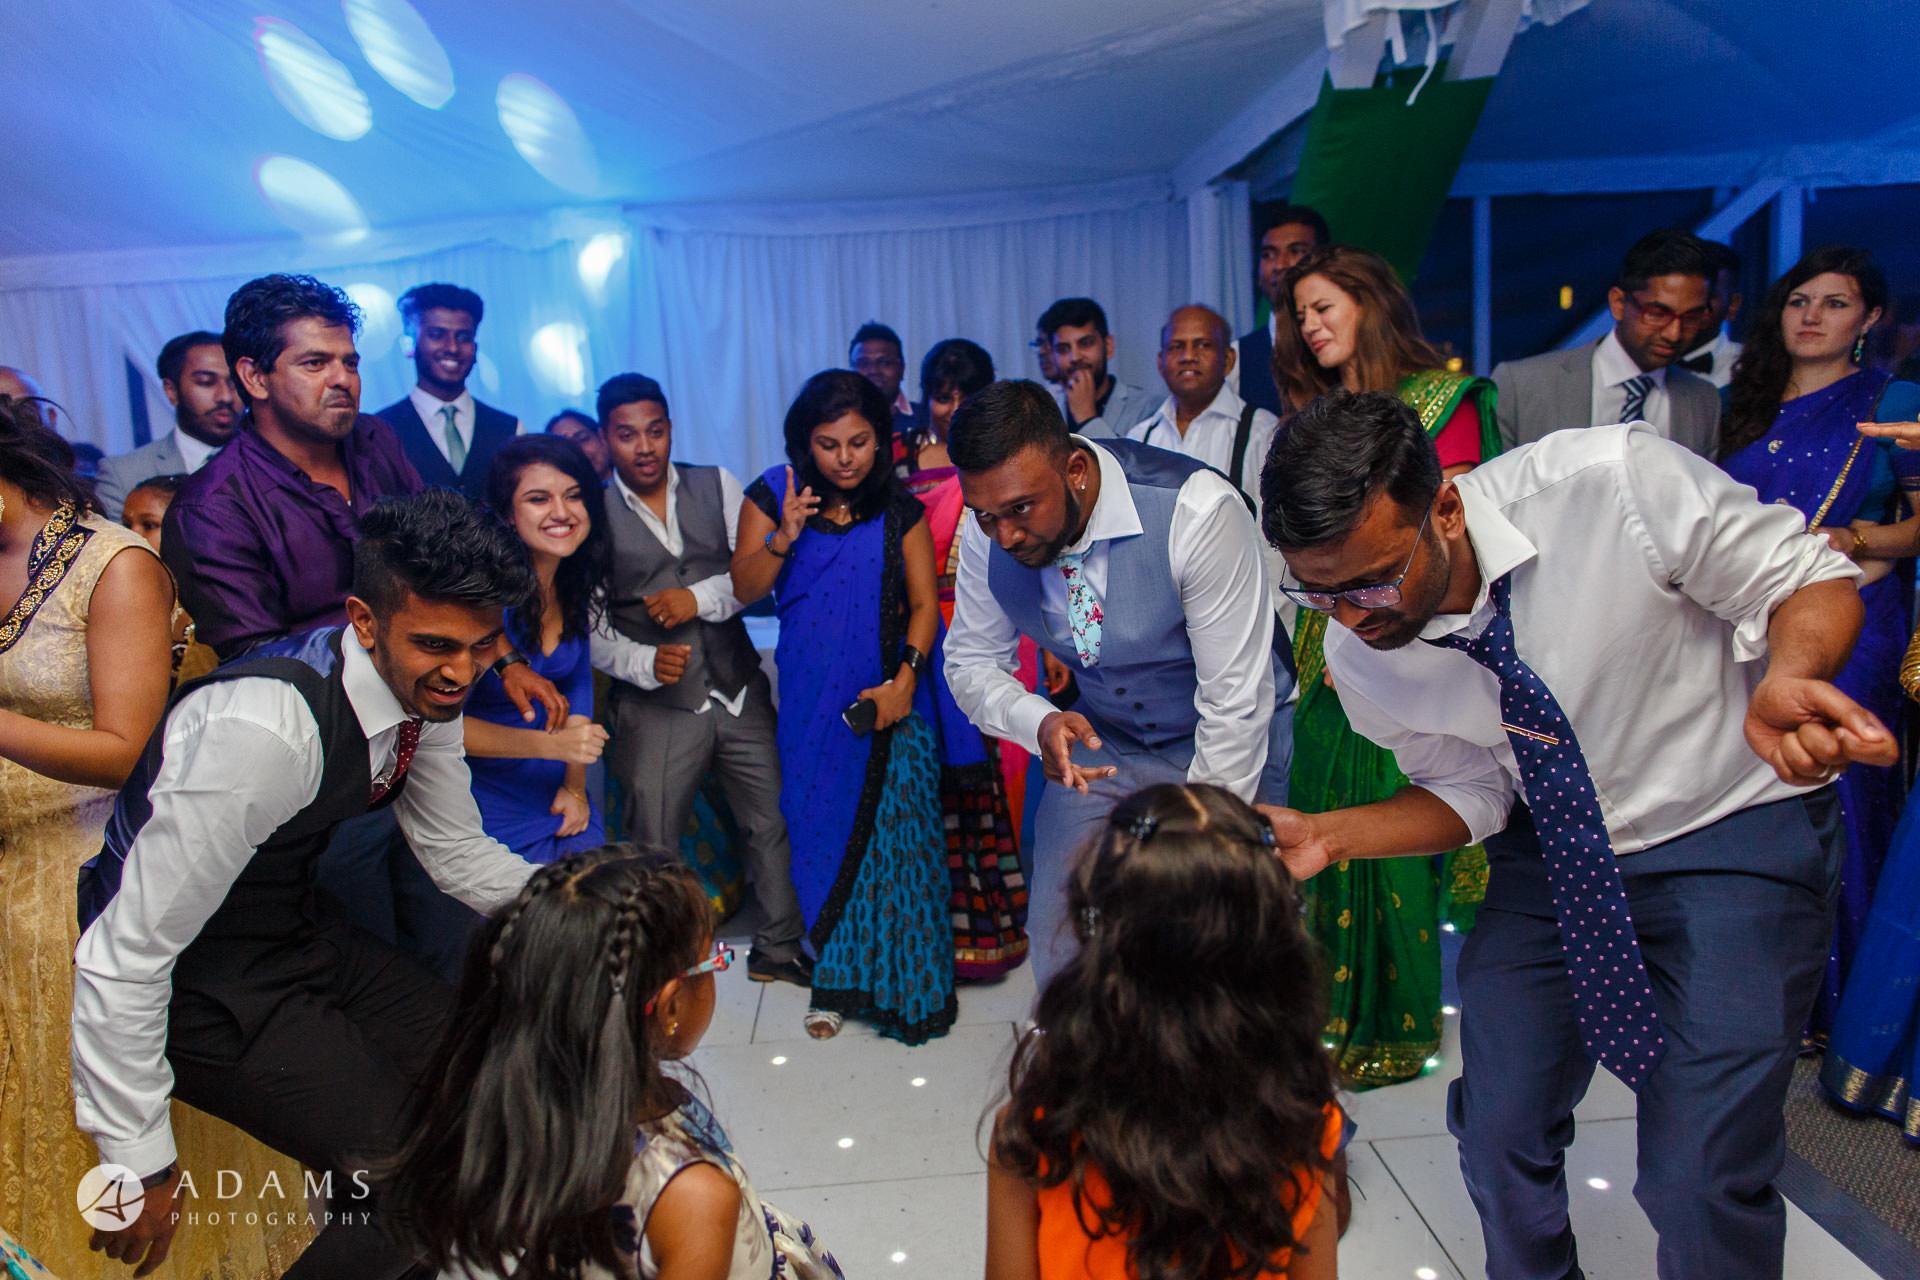 Windsor Racecourse Wedding Photographer | Saranya + Gobi 56